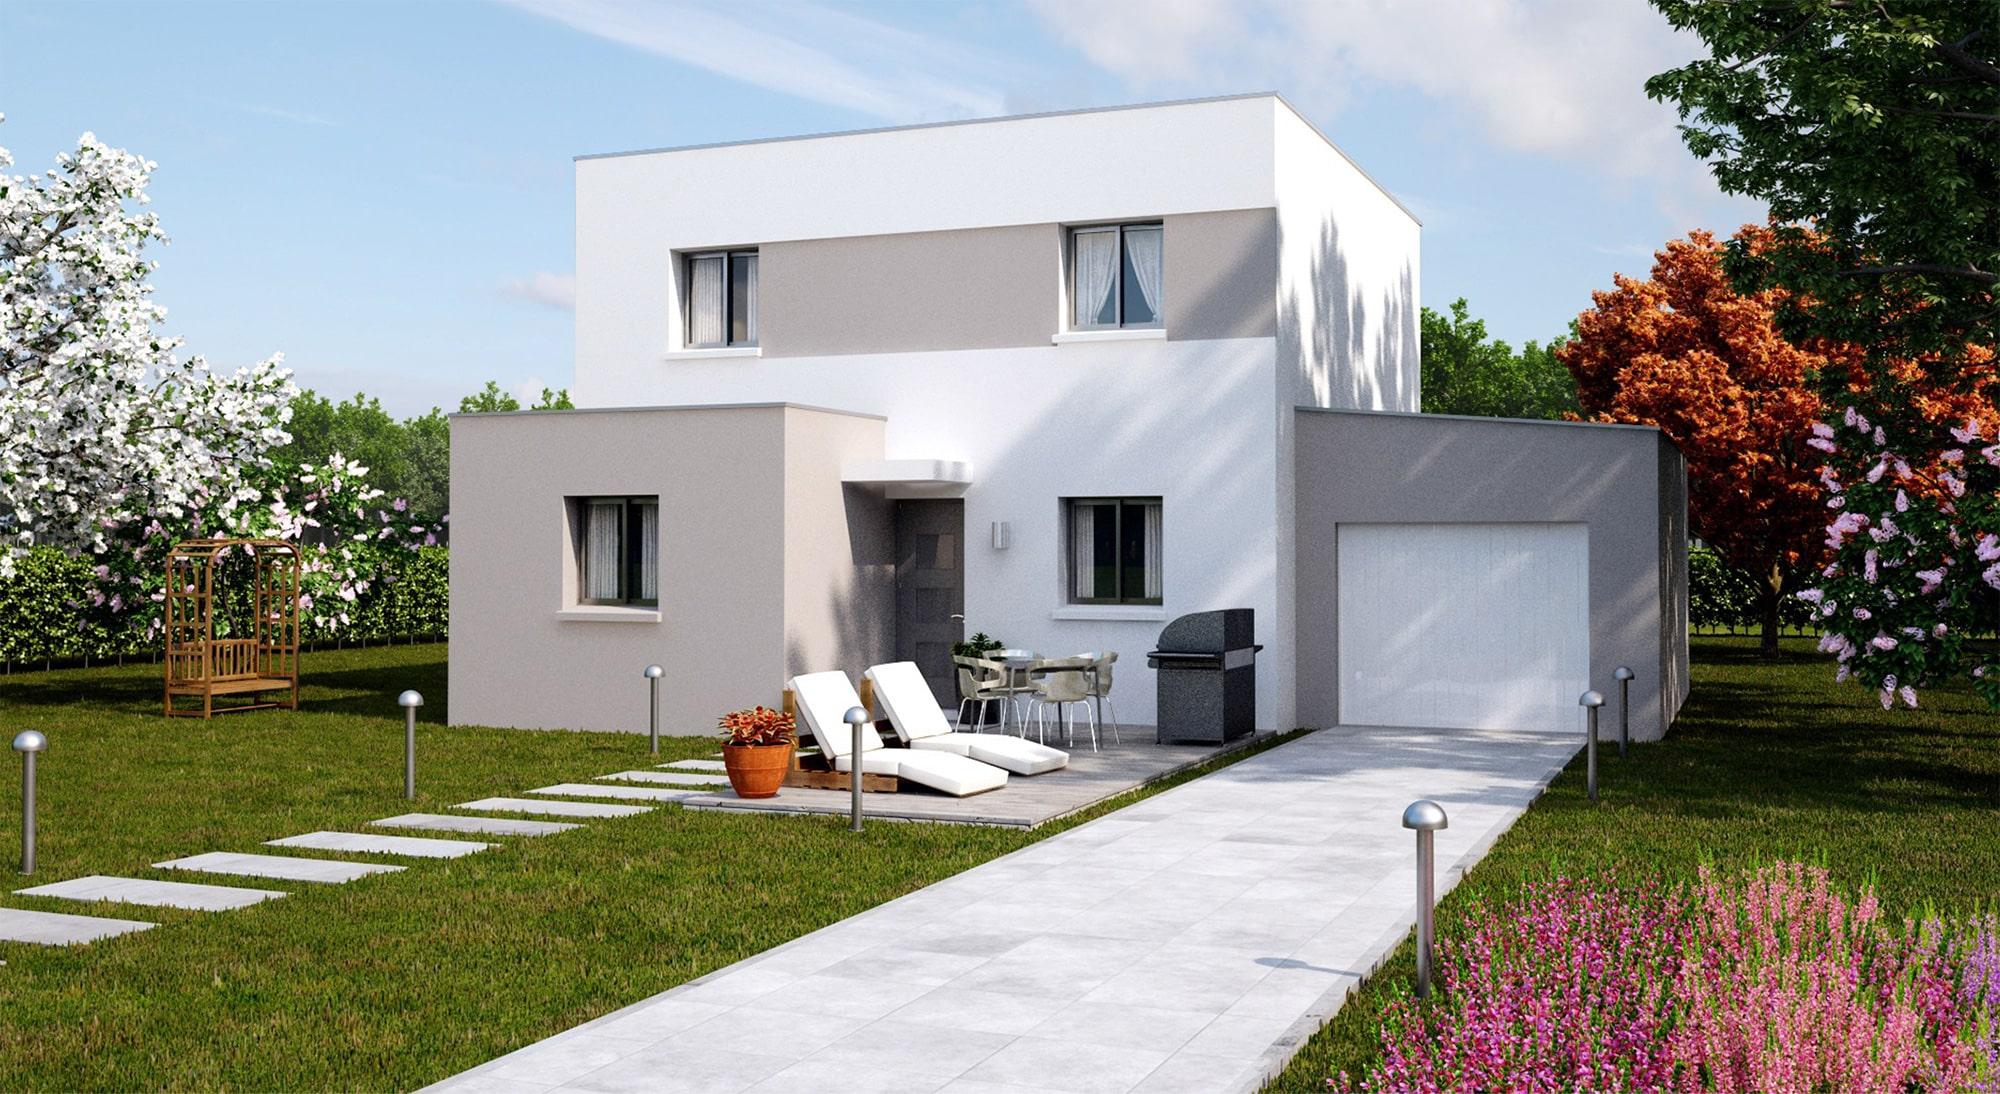 Constructeur maisons individuelles Caen-Constructeur maison Normandie